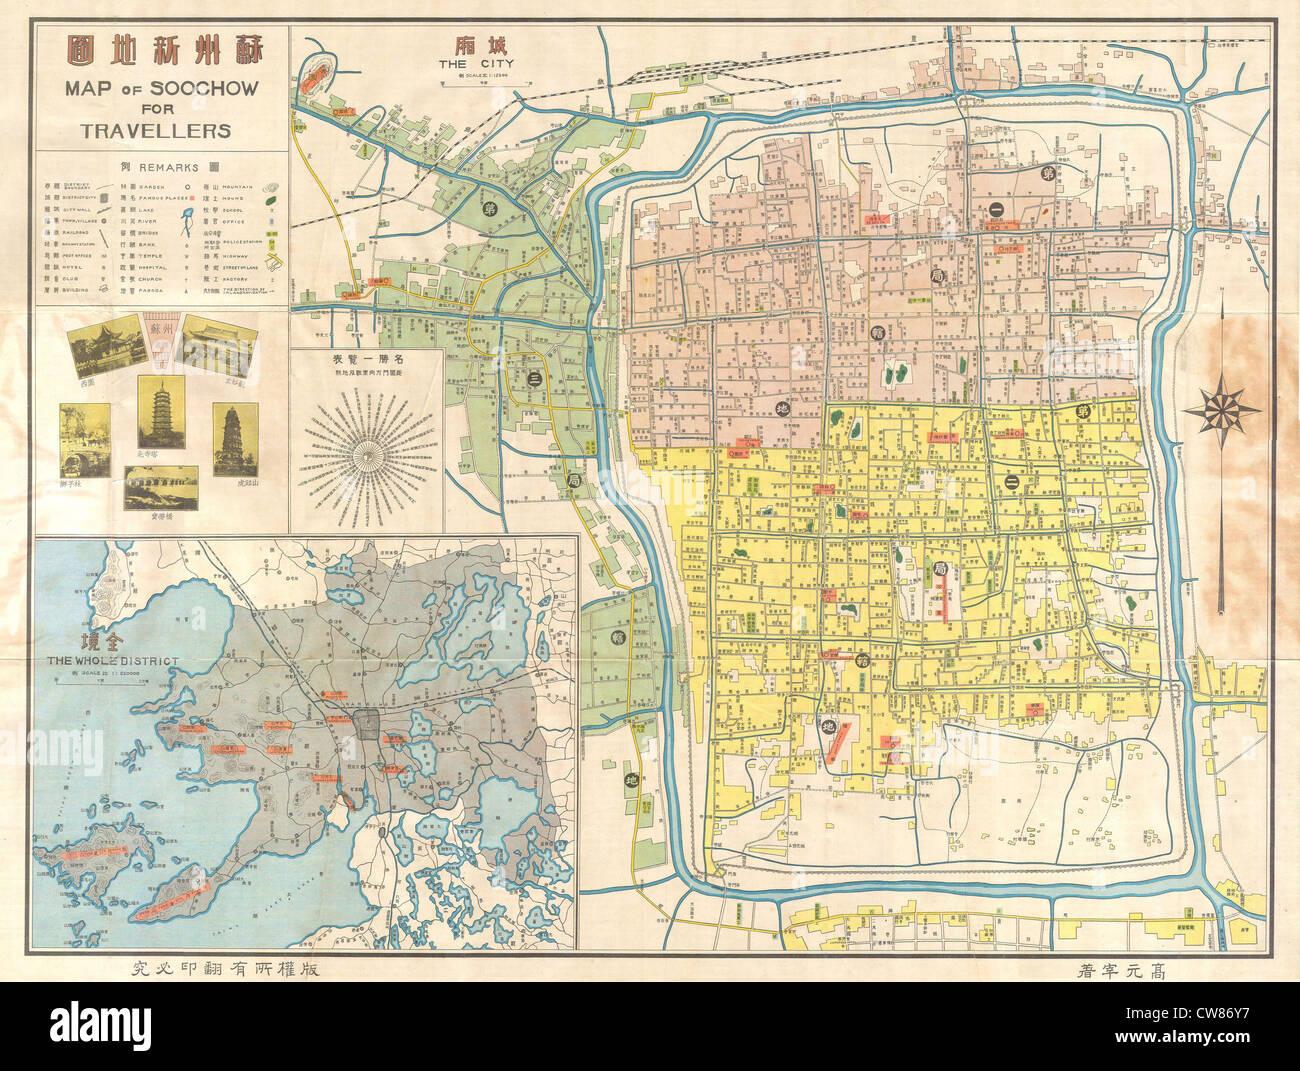 1931 WenYi Map of SooChow or Suzhou, China - Stock Image